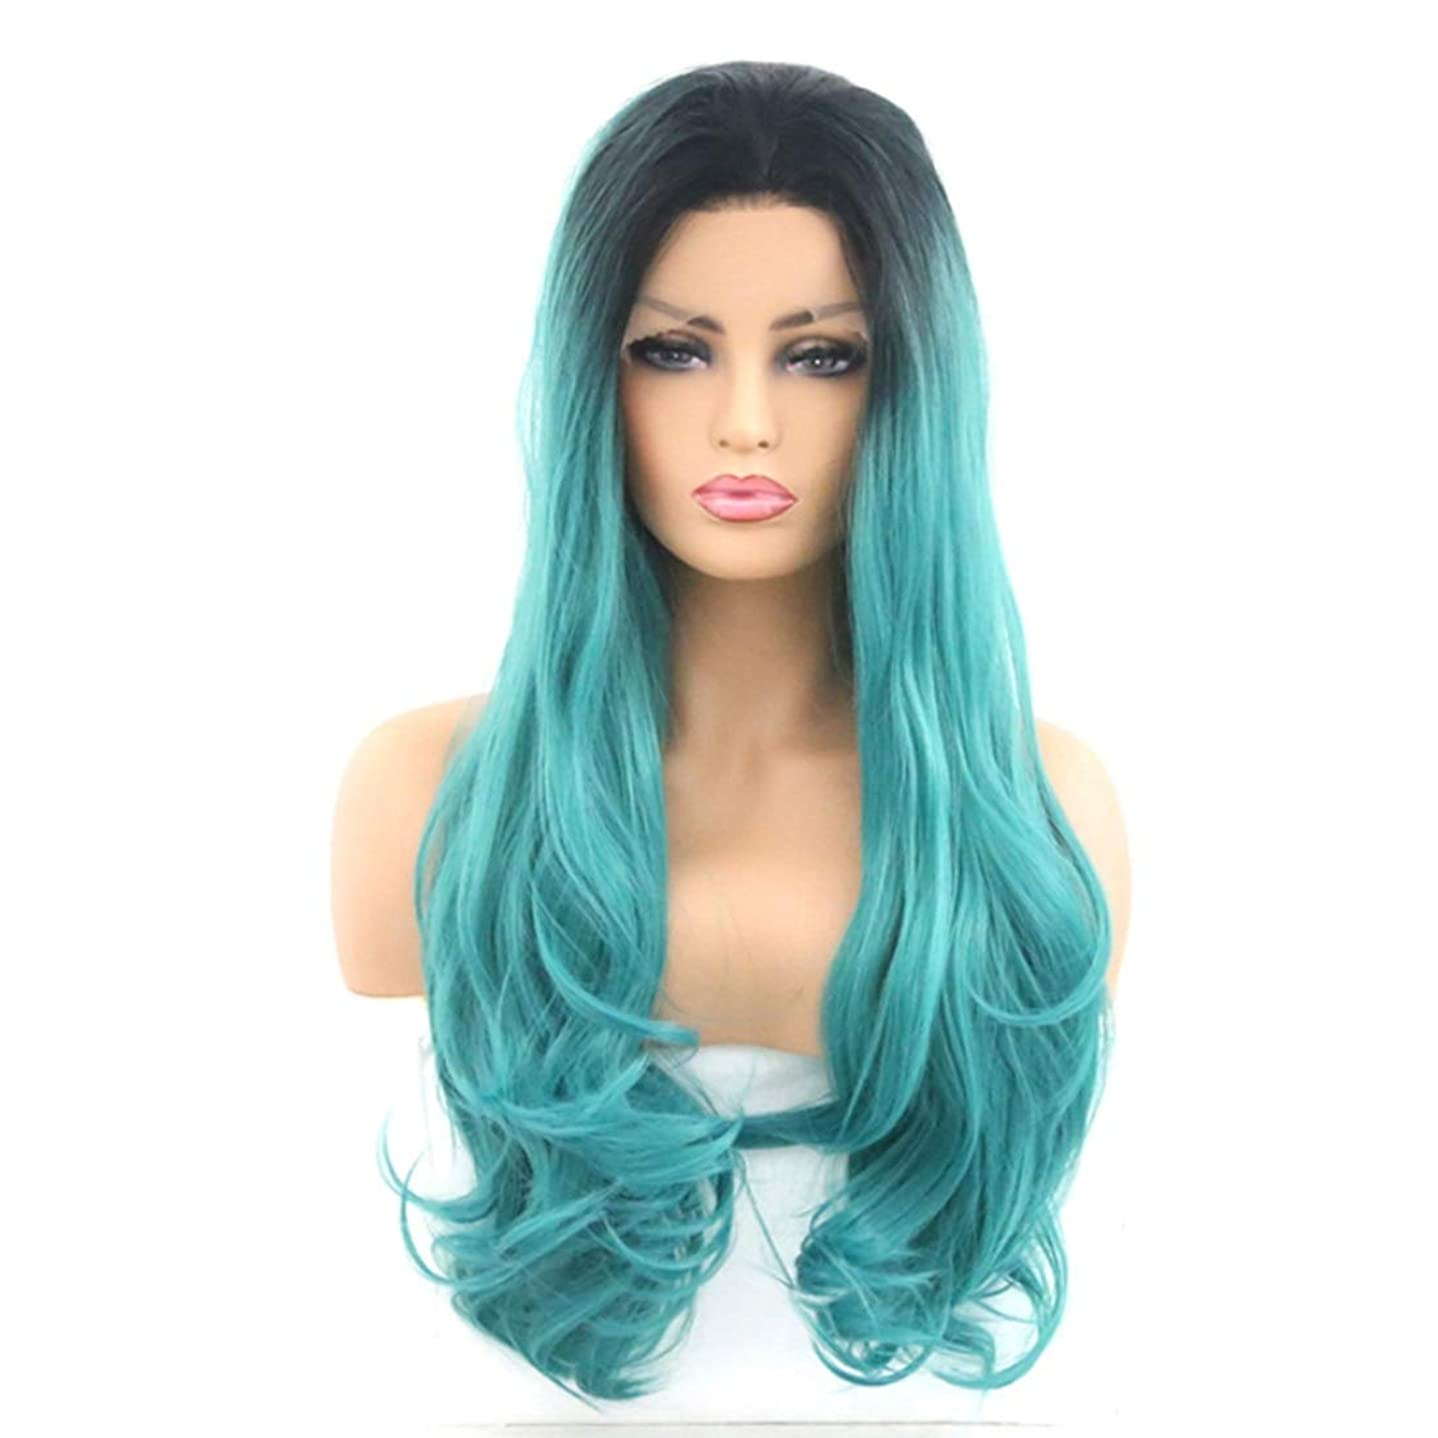 なんでも刺繍週間Summerys 女性のためのフロントレースかつら、長い巻き毛、大きな波、巻き毛、化学繊維かつら (Size : 16inch)